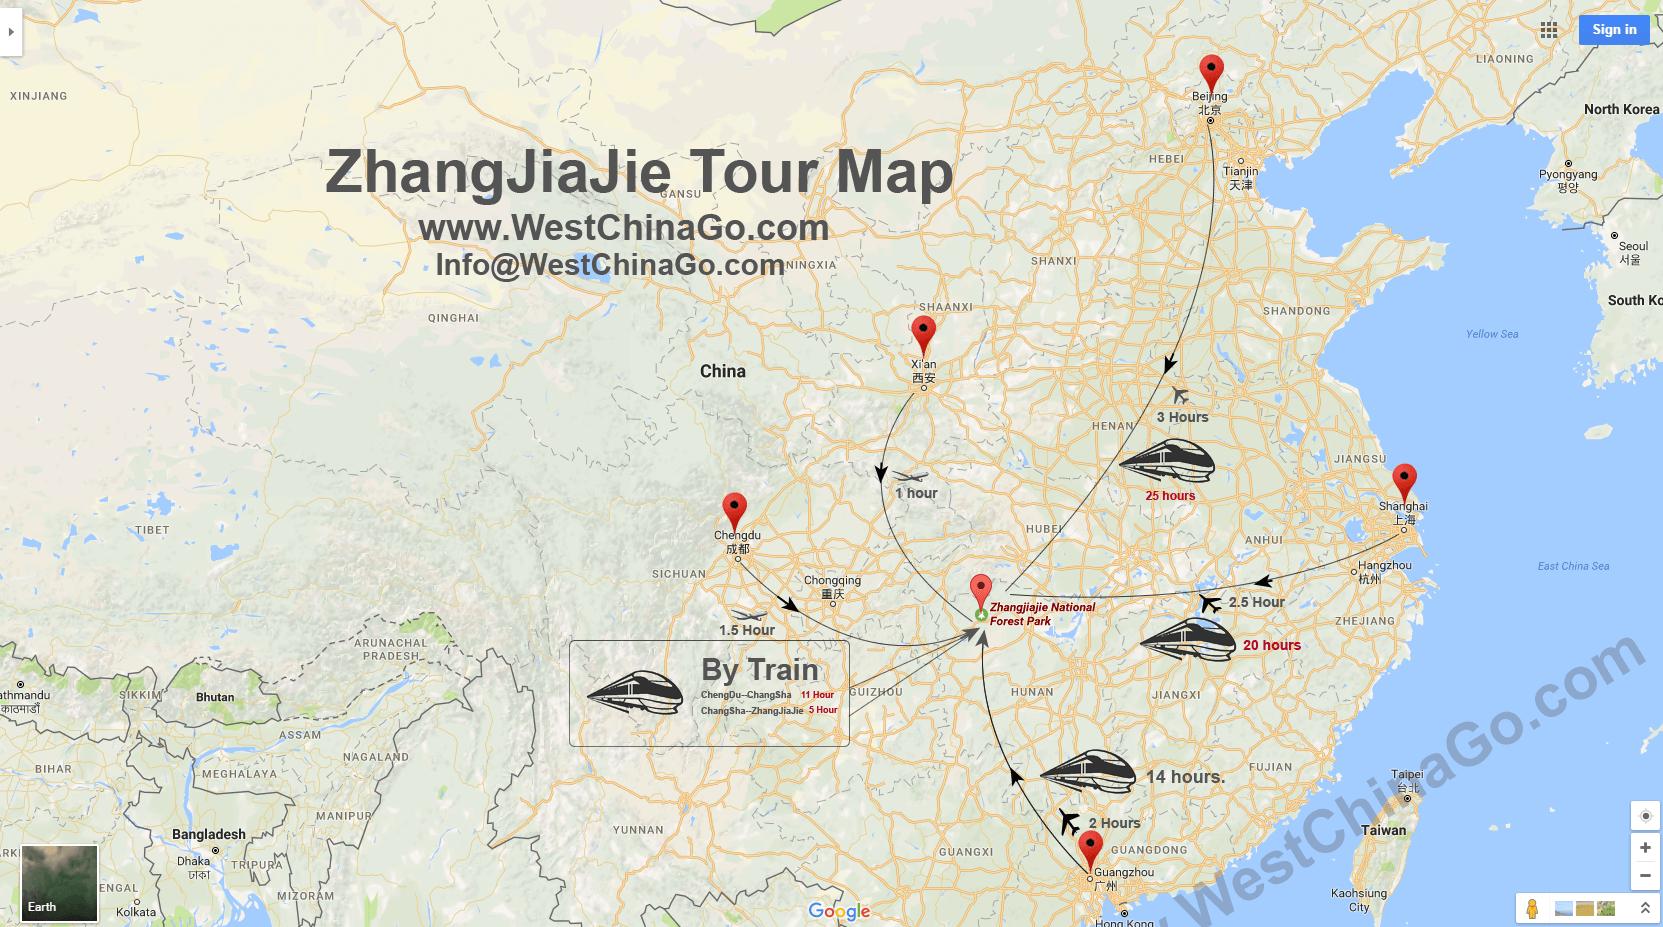 zhangjiajie transportation